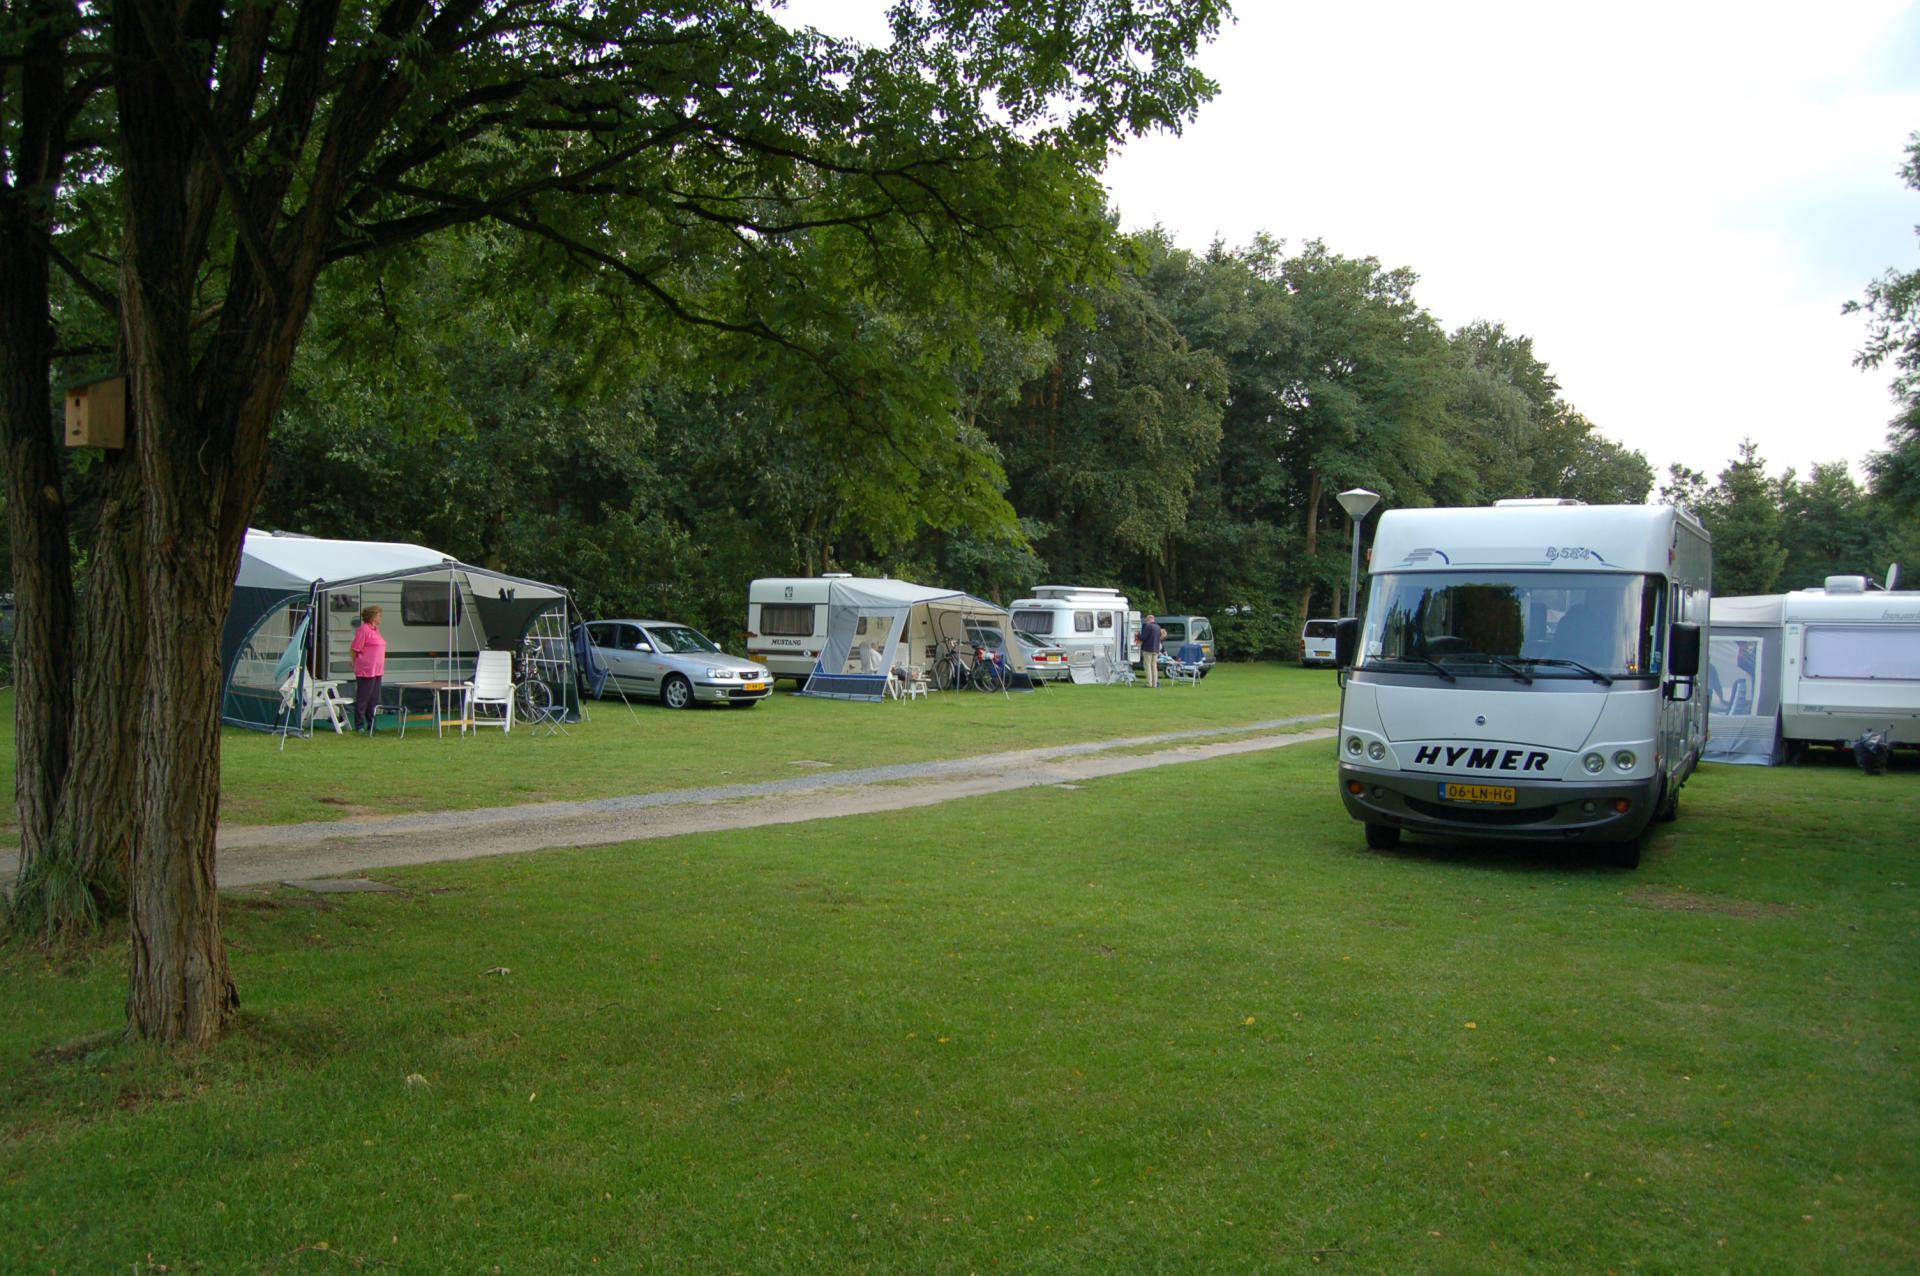 Glamping, Camping, De Oude Barrier, kamperen, safaritenten, kindvriendelijk, zwembad, Venray, Limburg, huren, natuur, Oorlogsmuseum, Overloon, Toverland